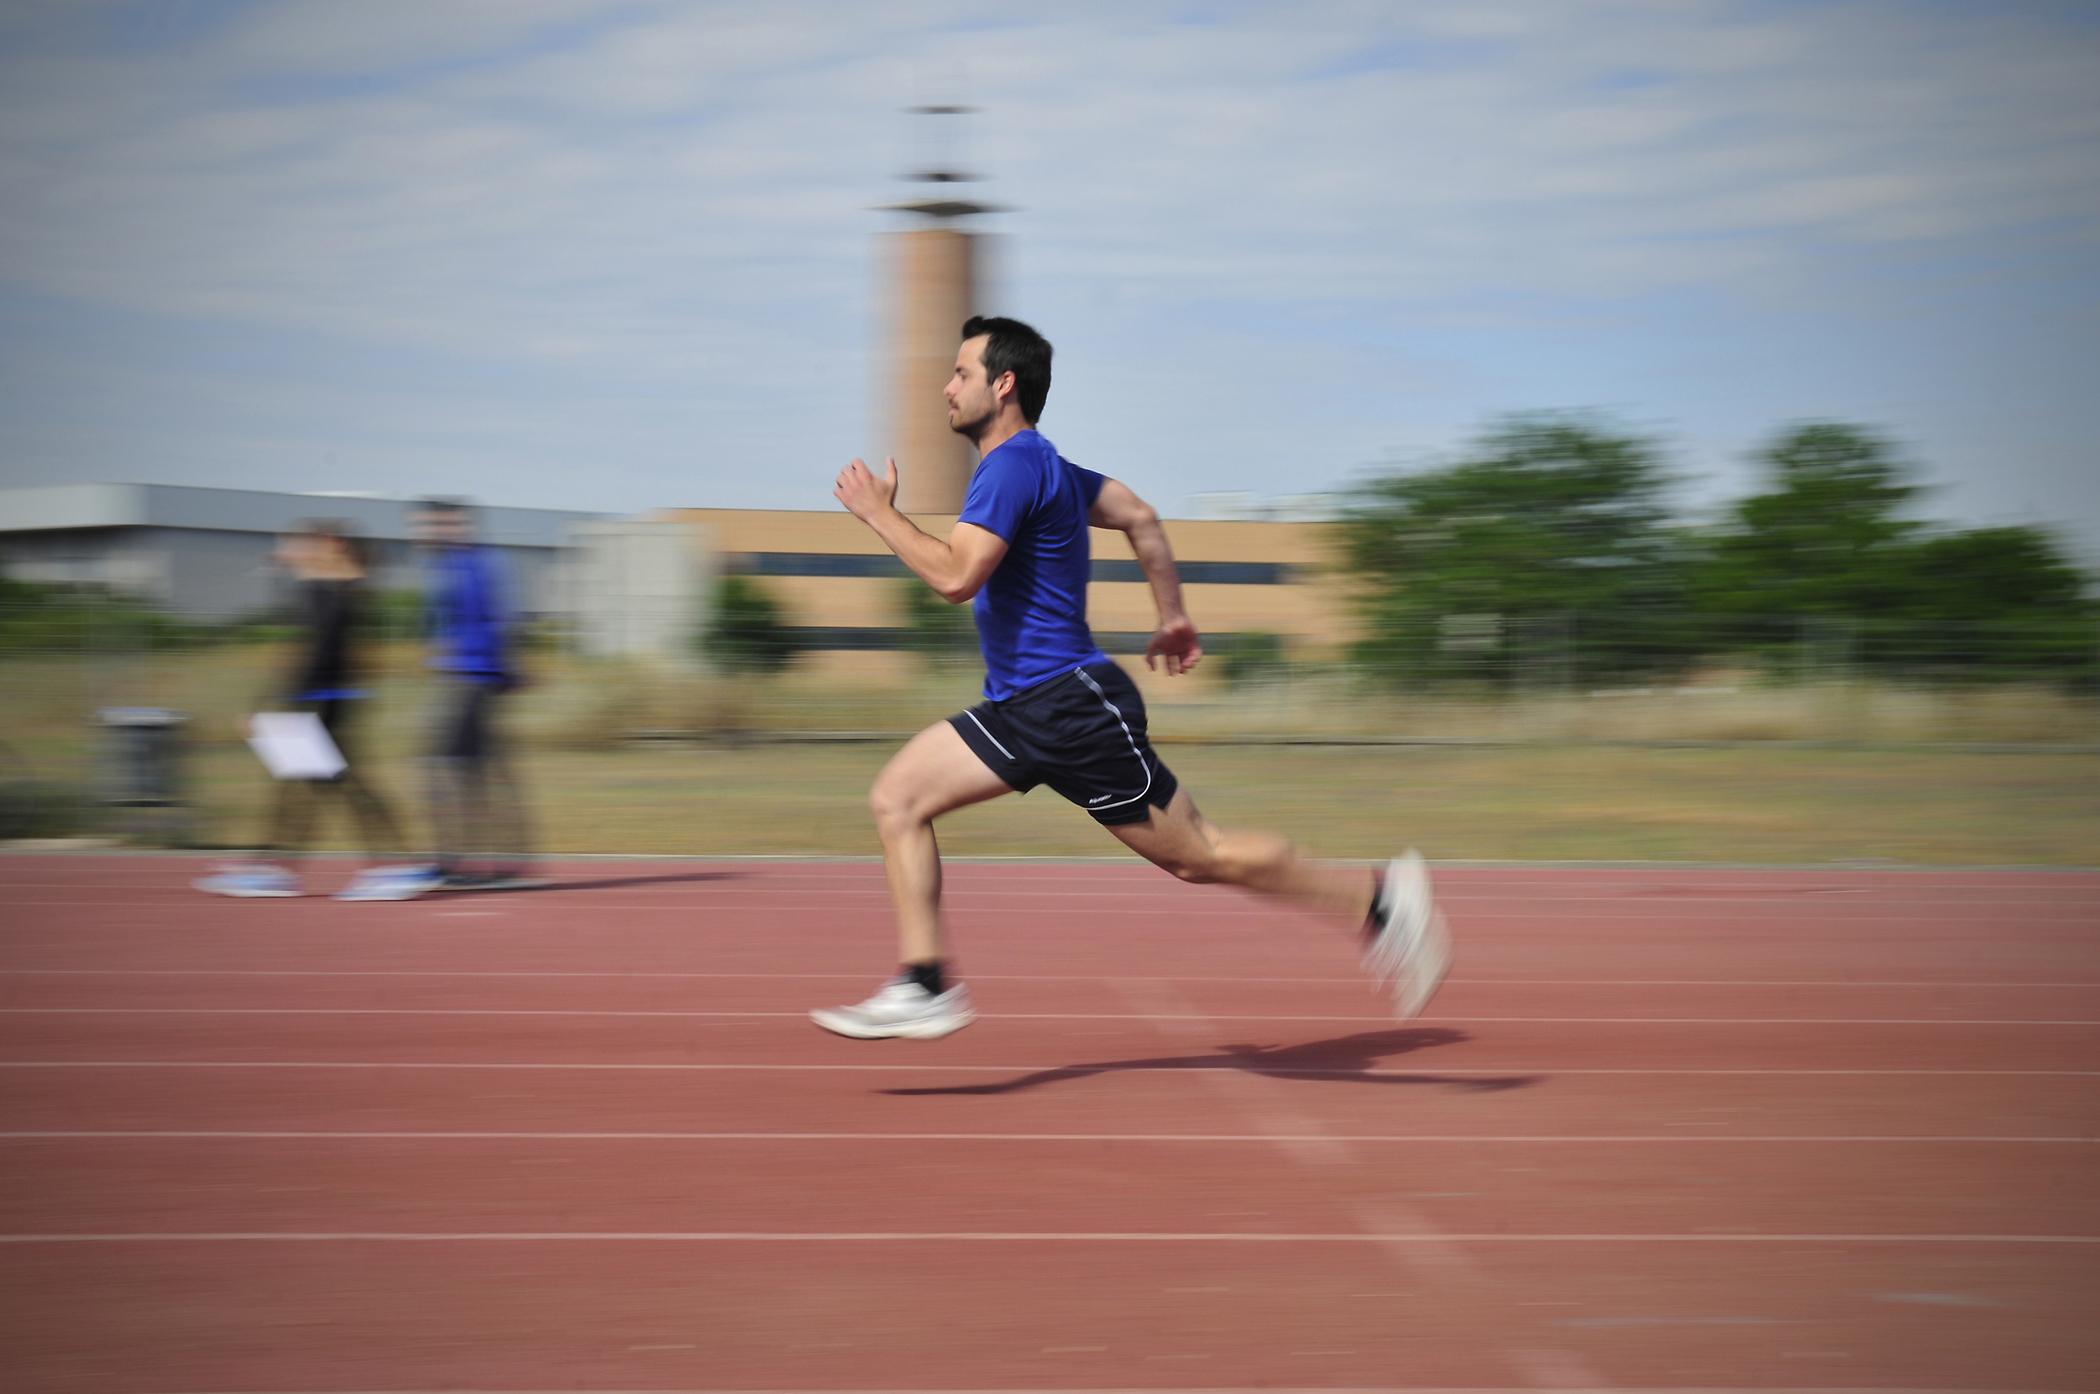 La relación entre deporte y educación es una de las asignaturas pendientes de nuestro país | Fuente: Universidad Pablo de Olavide